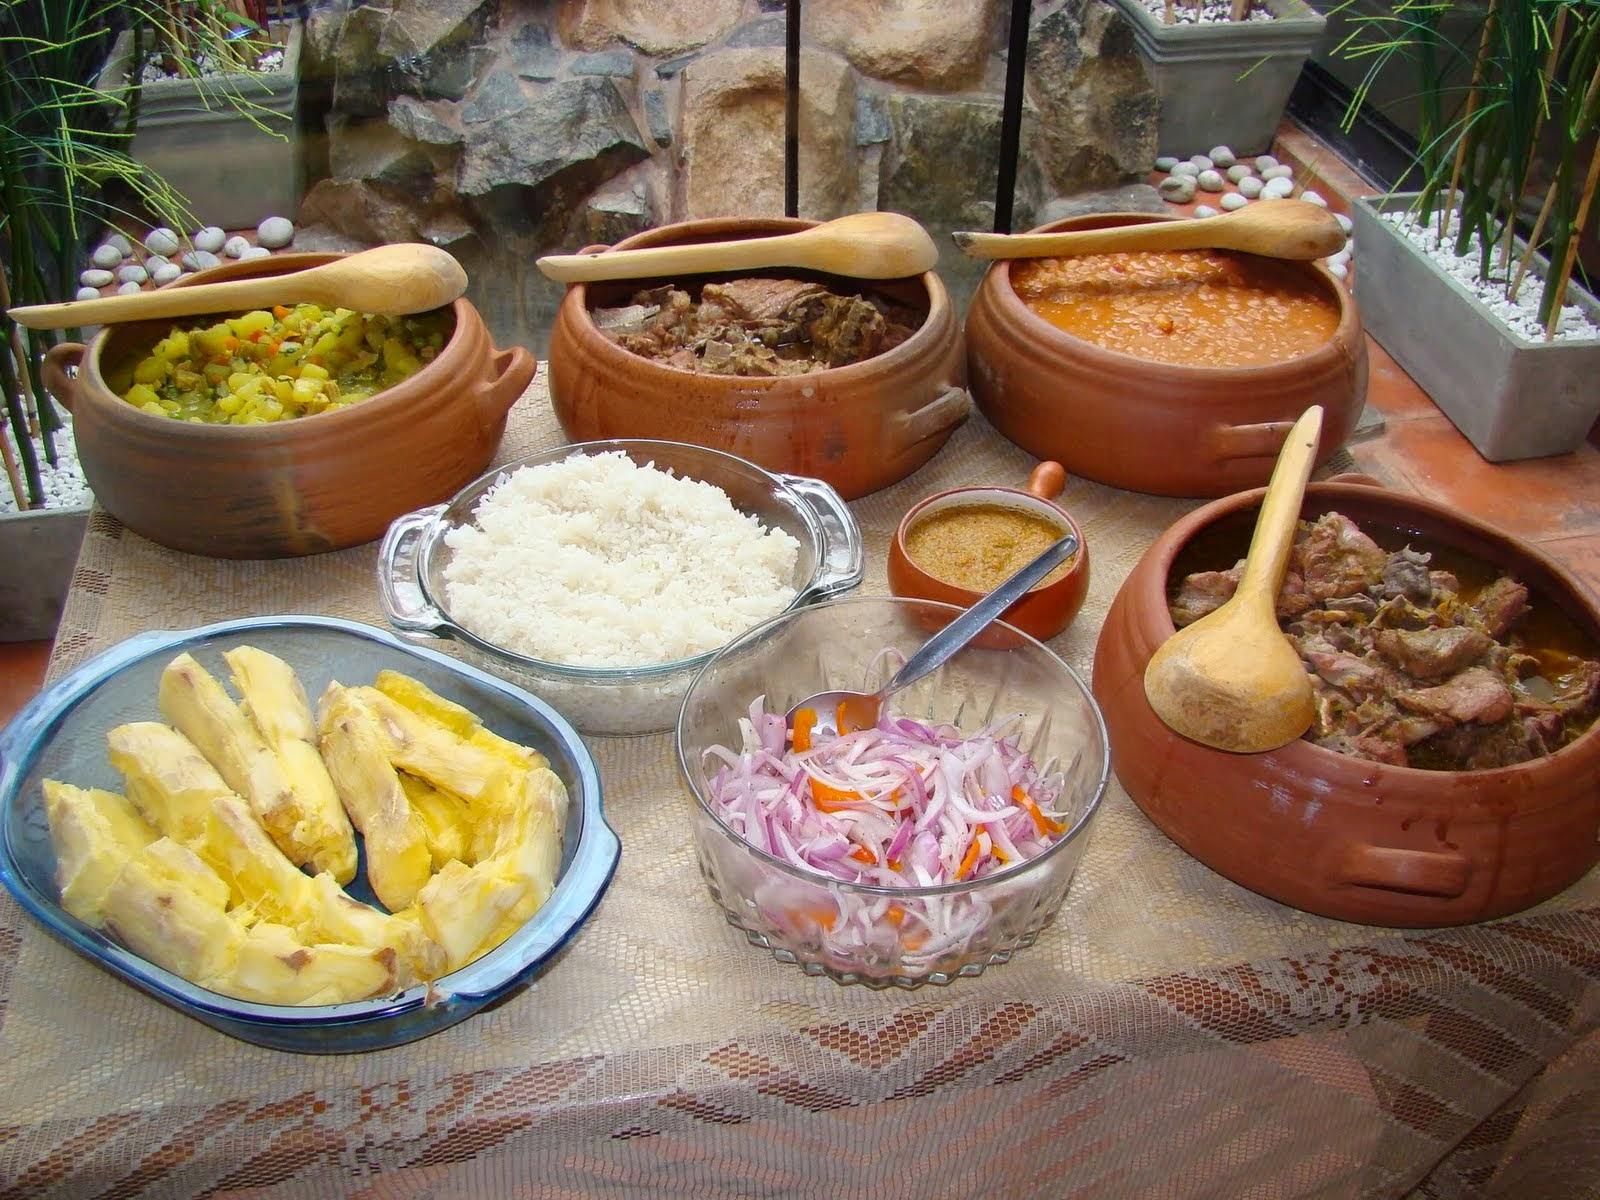 Patrimonio natural y cultural del per patrimonio intangible for Elementos de cocina para chef